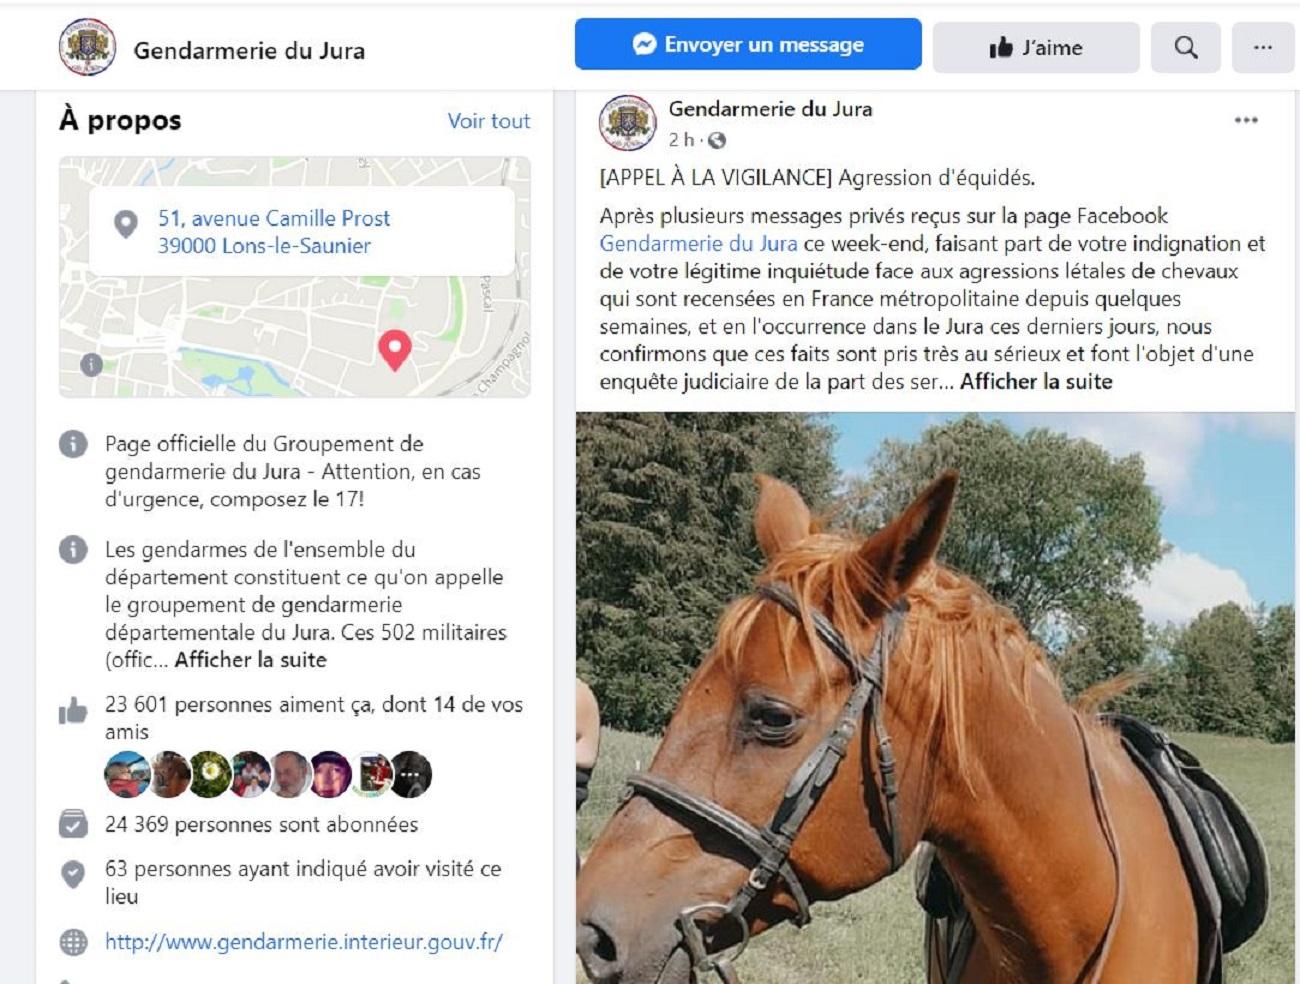 Un appel à la vigilance a été lancé sur la page Facebook de la gendarmerie du Jura.